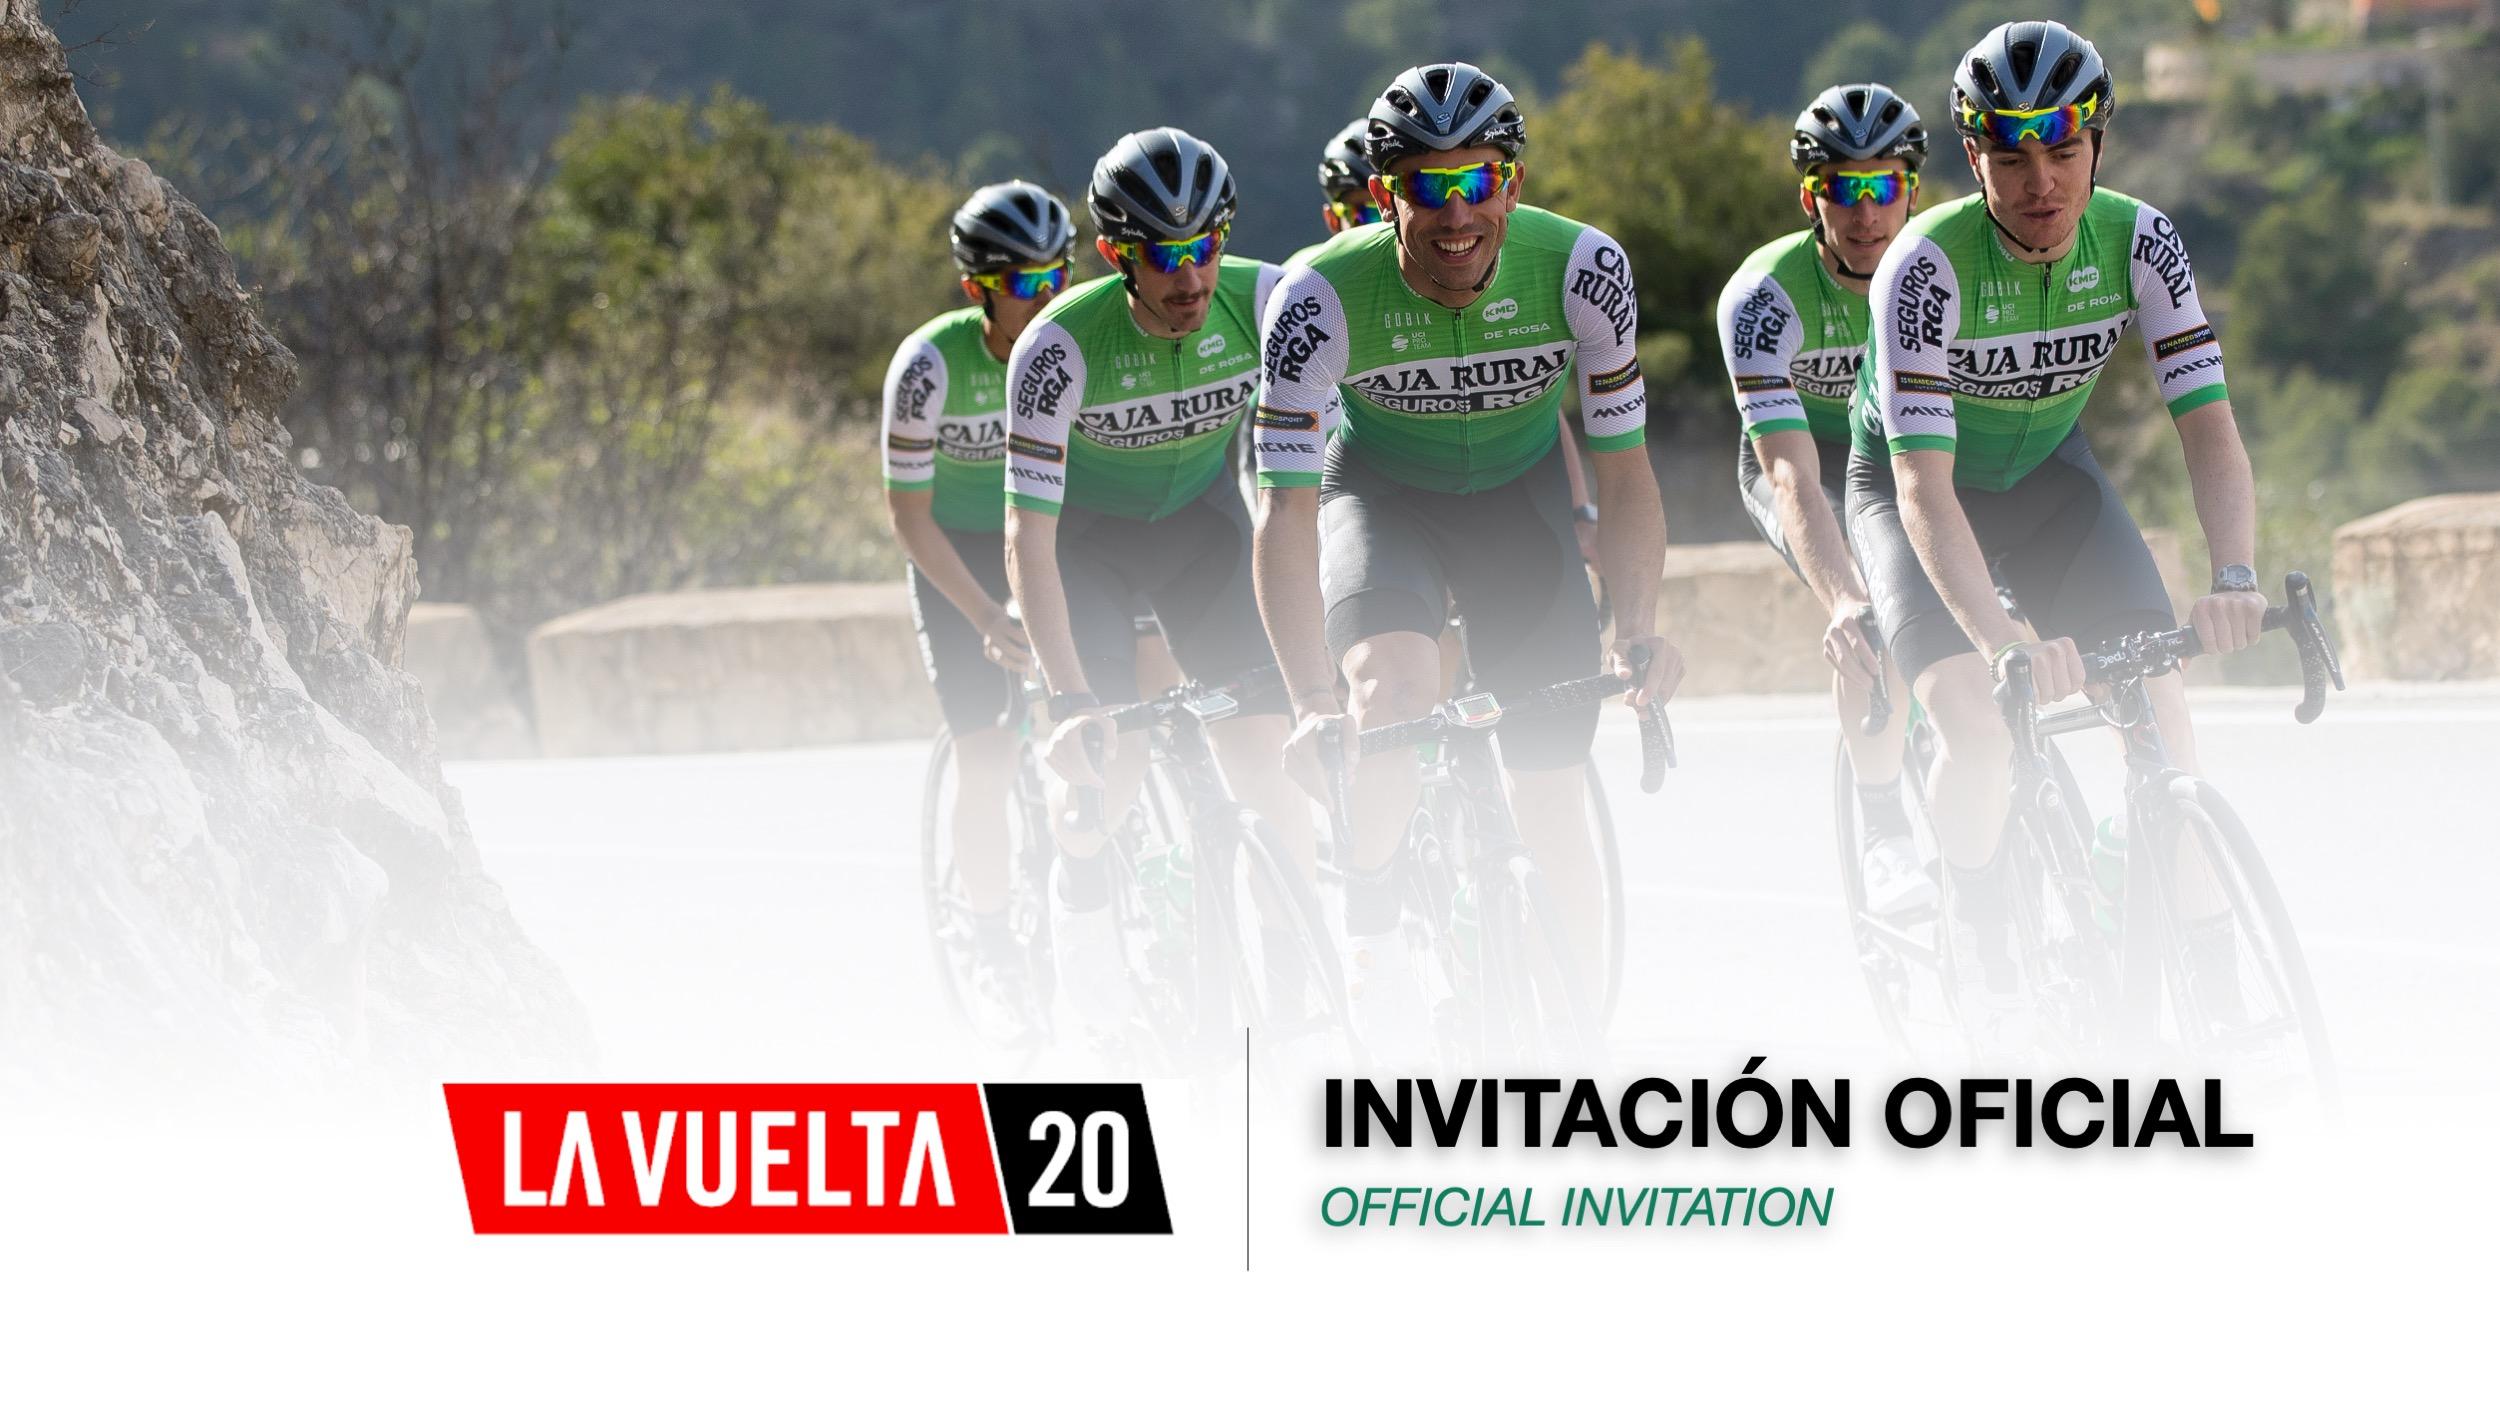 Caja Rural-Seguros RGA participará en una nueva edición de la Vuelta a España